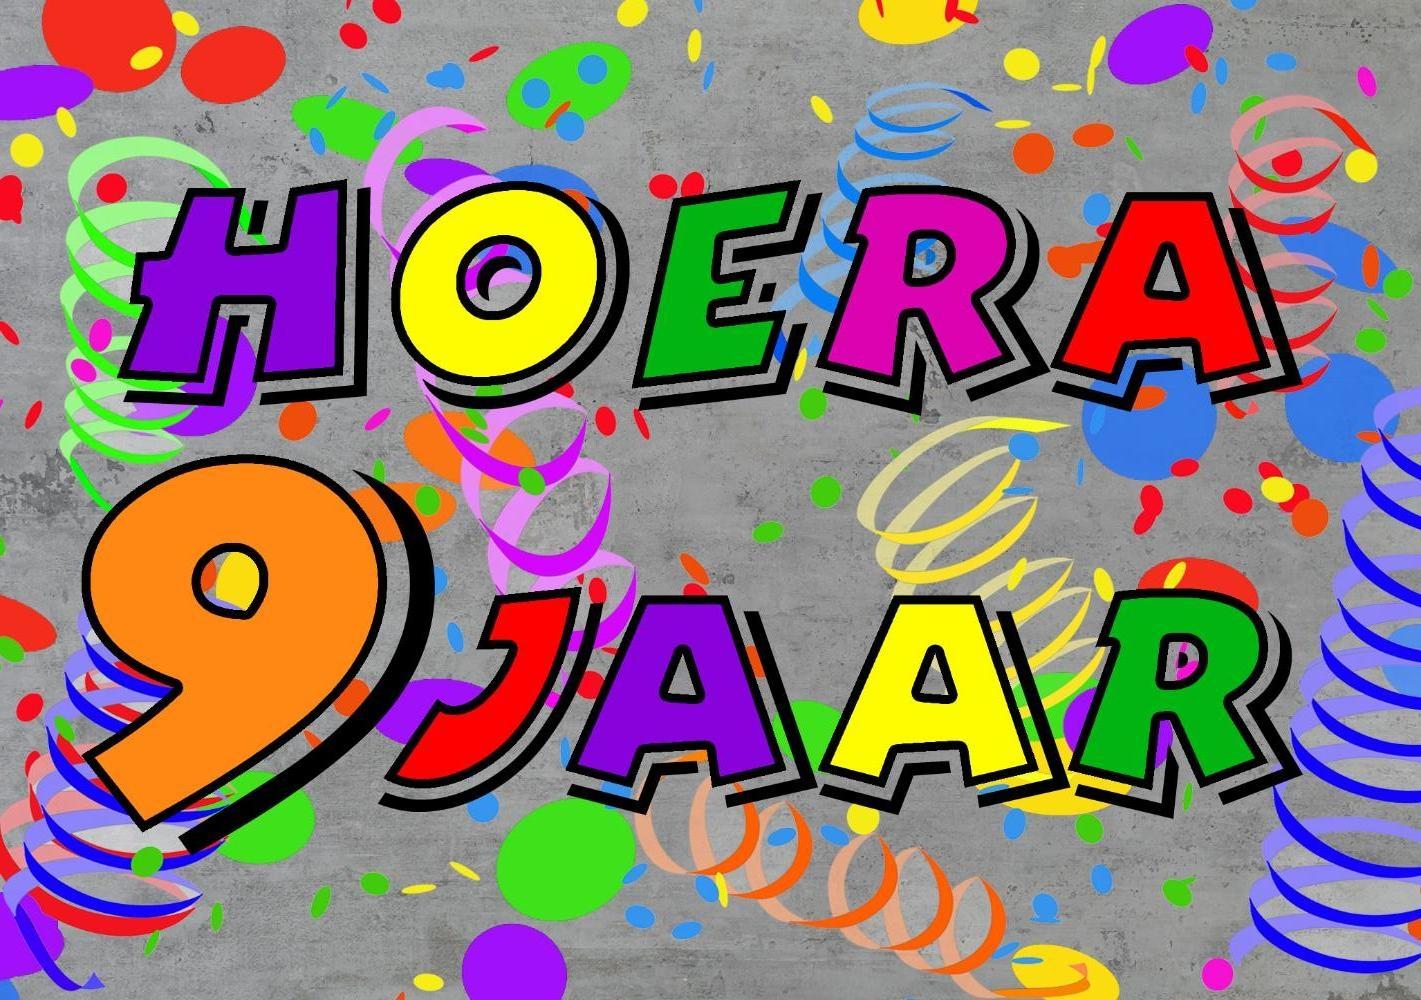 gefeliciteerd 9 jaar Verjaardagskaart kind: Hoera 9 jaar!   Kaartjeposten.nl gefeliciteerd 9 jaar